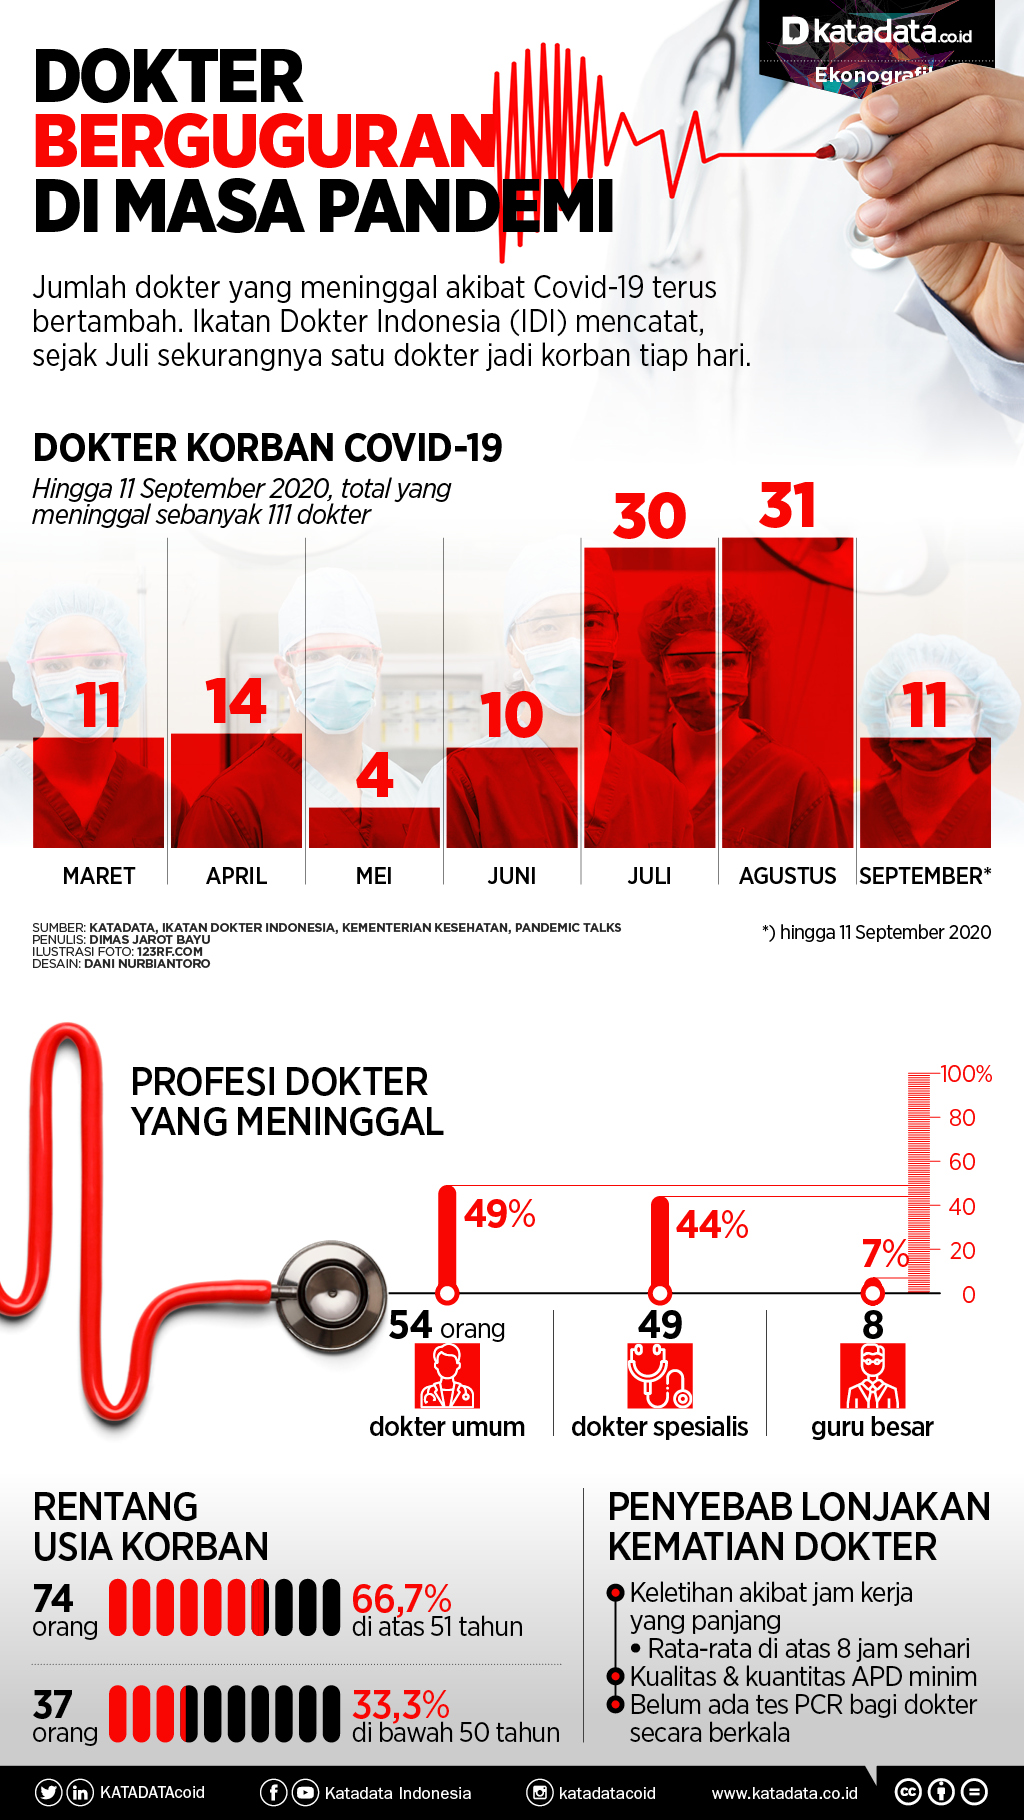 Dokter berguguran di masa pandemi